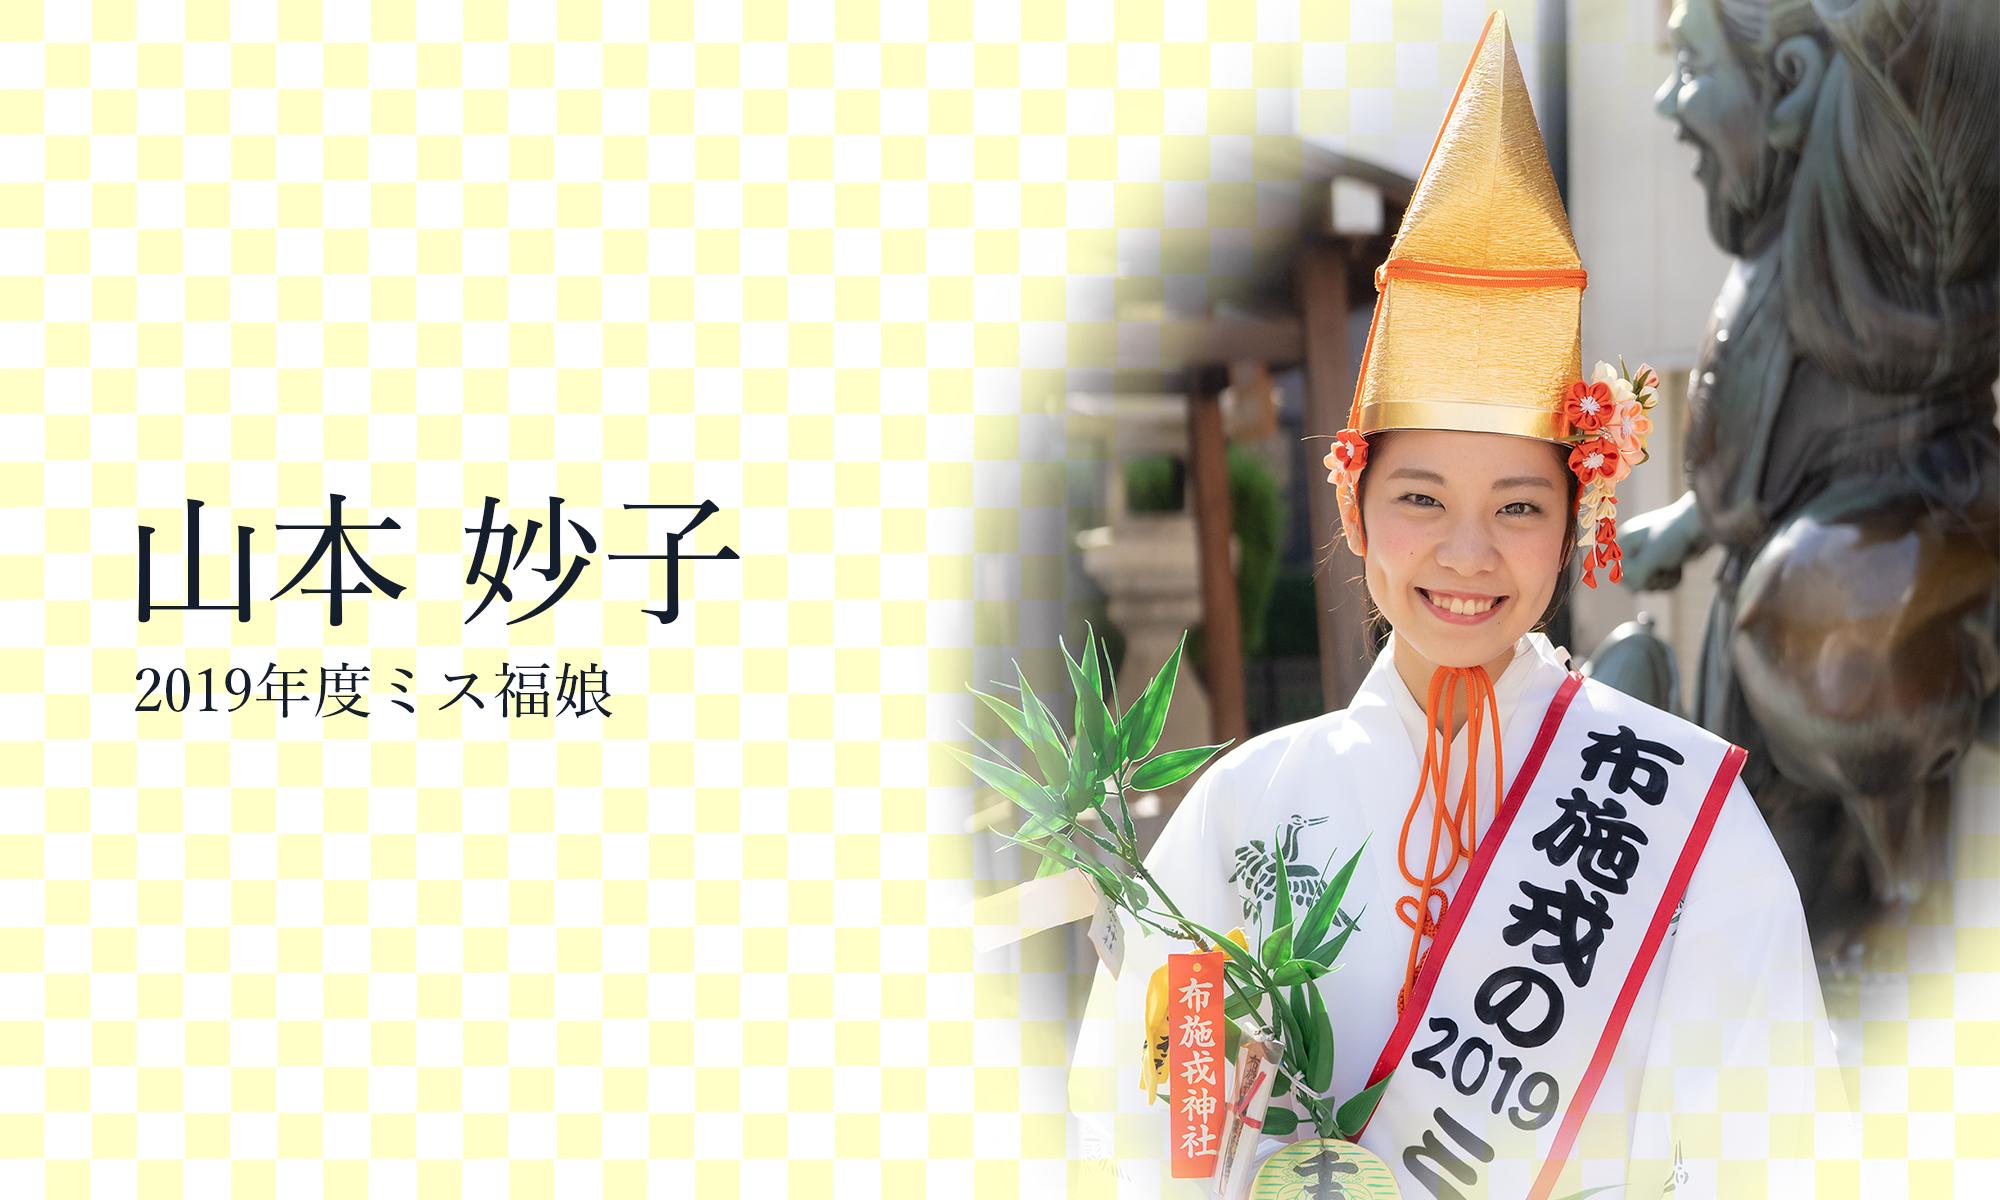 2019年度ミス福娘 山本妙子